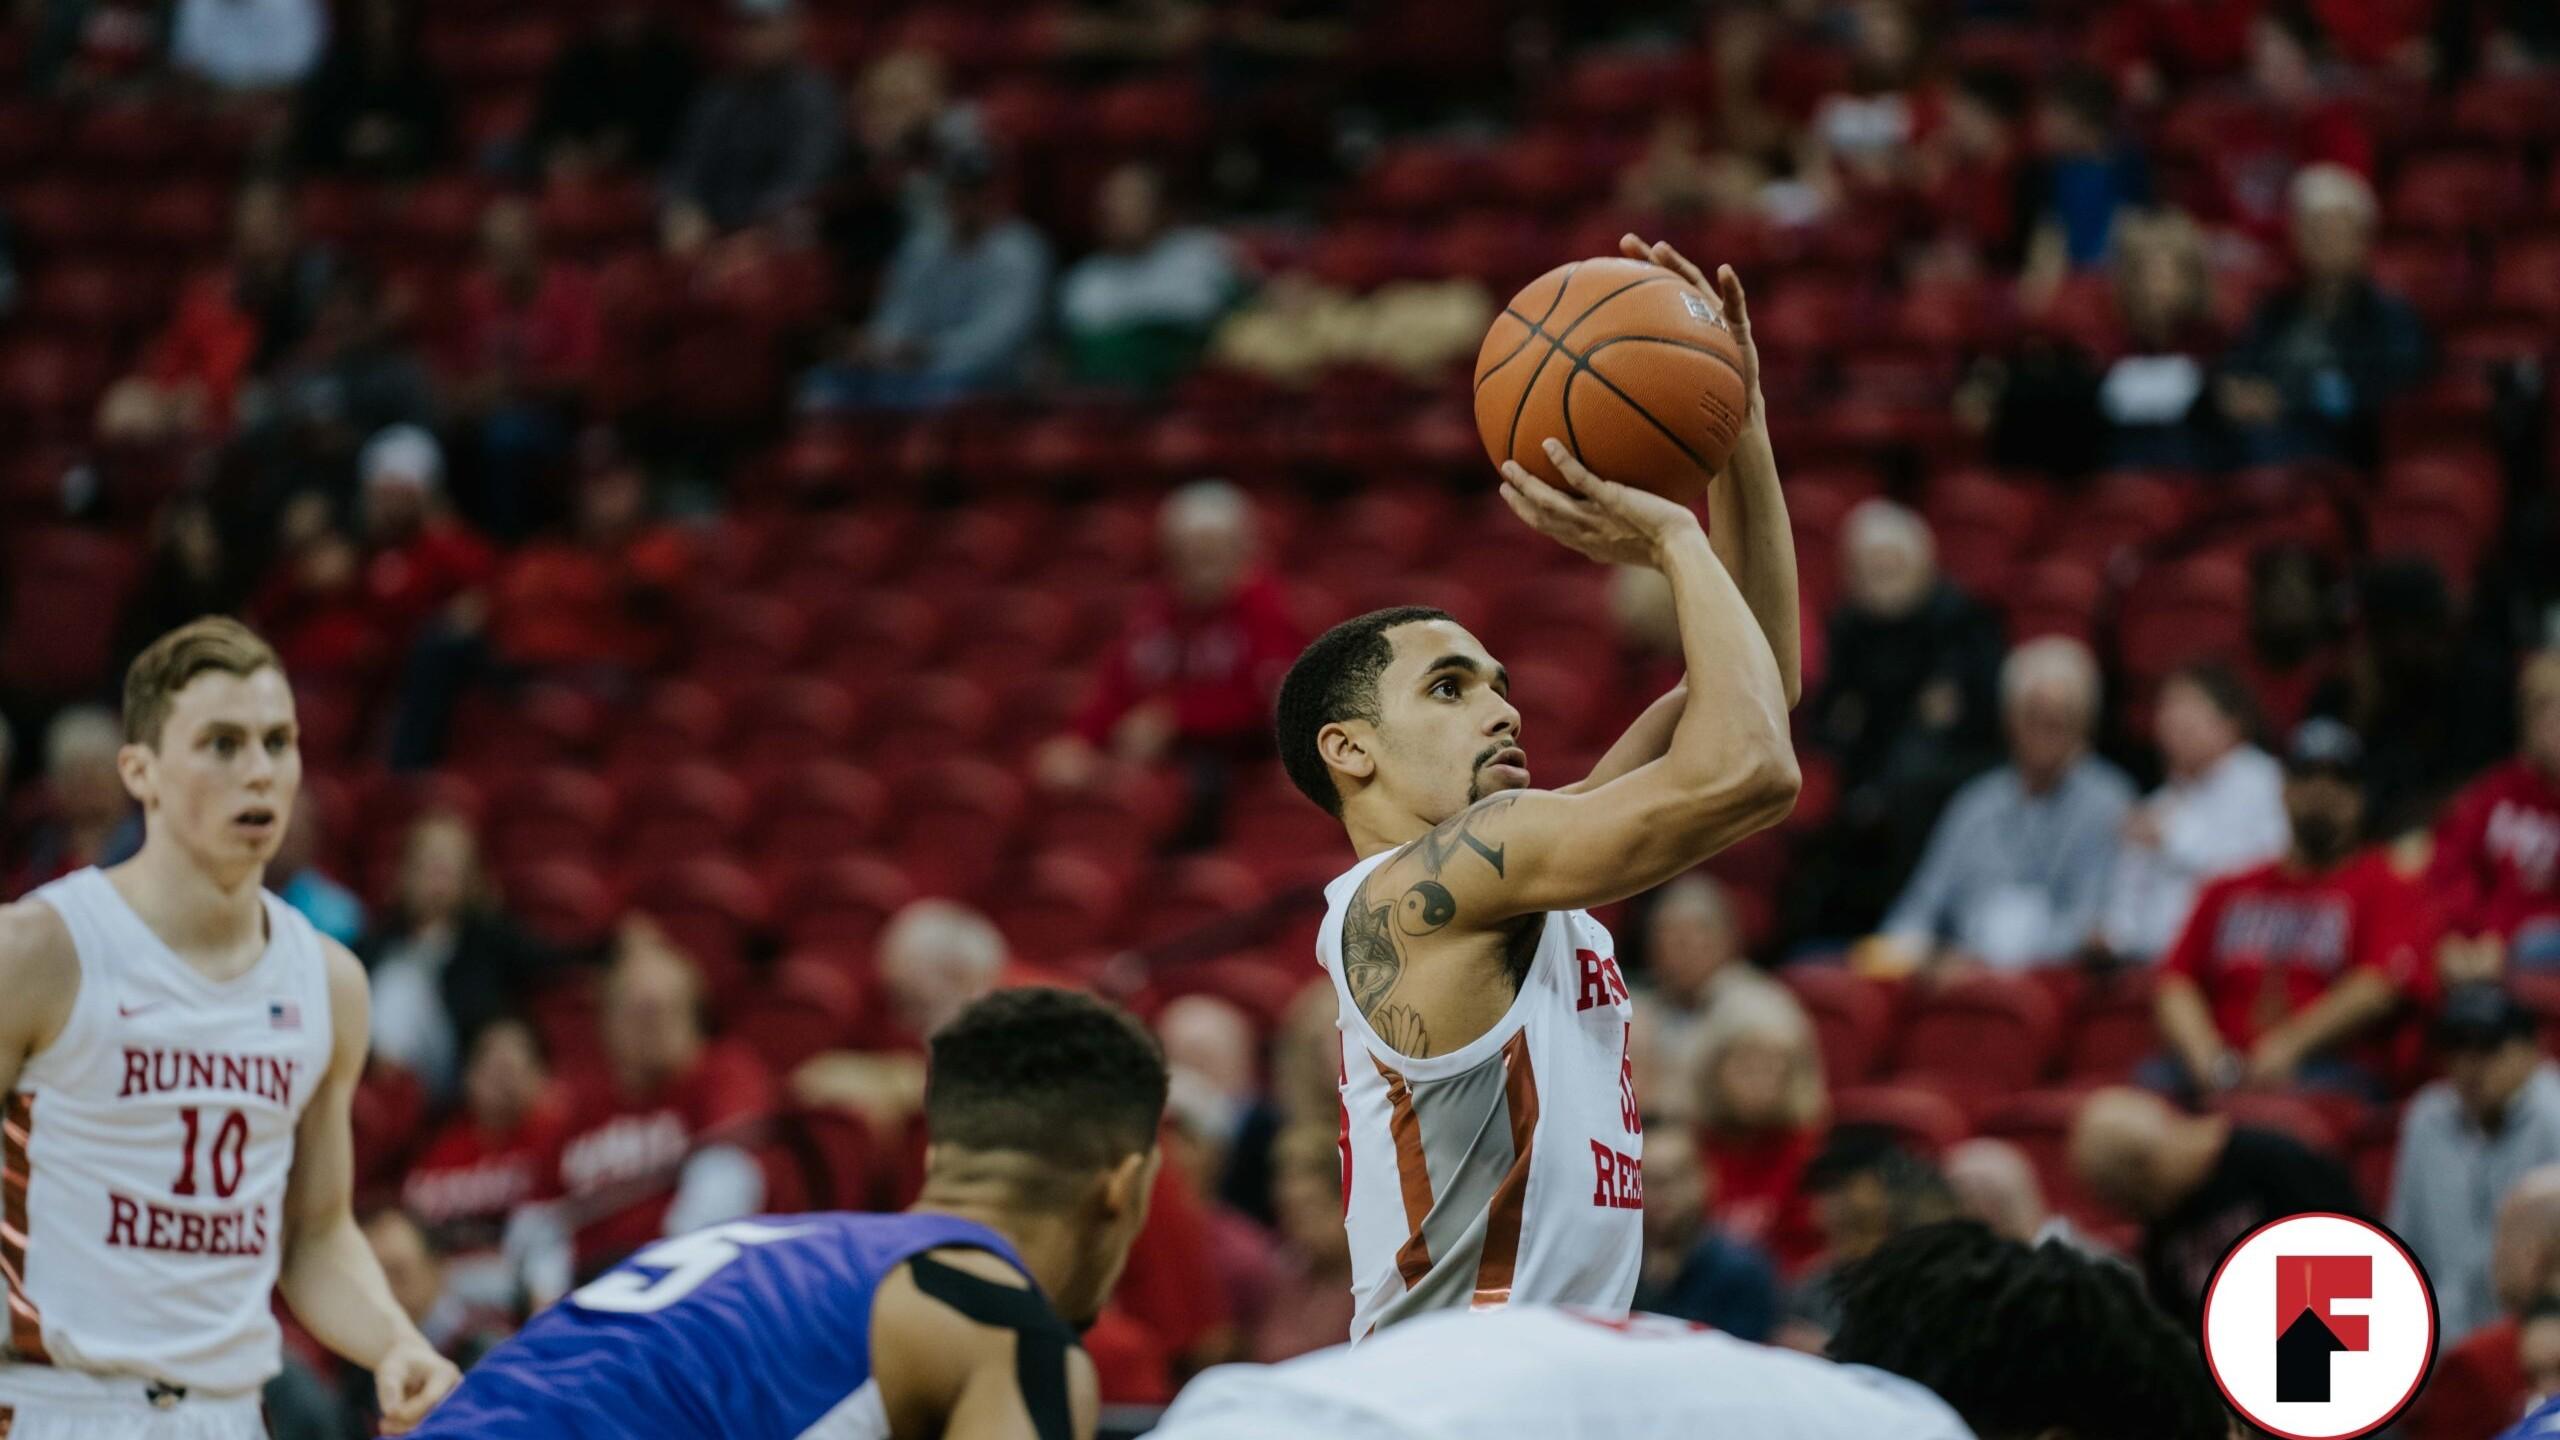 unlv vs Fresno state UNLV Basketball runnin rebels